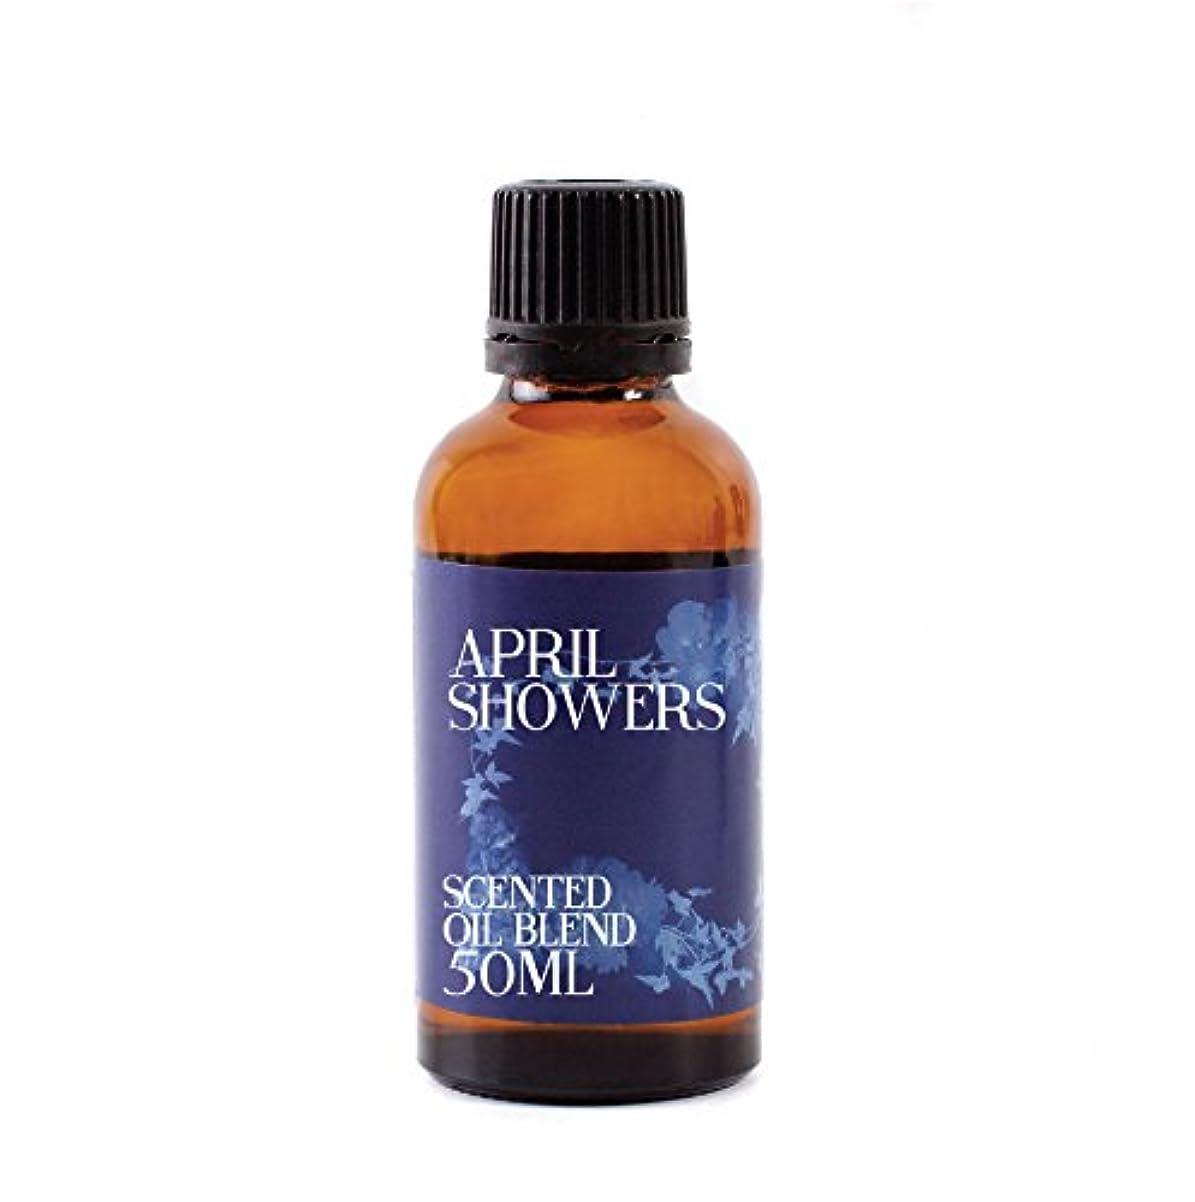 先見の明船乗り段階Mystic Moments | April Showers - Scented Oil Blend - 50ml